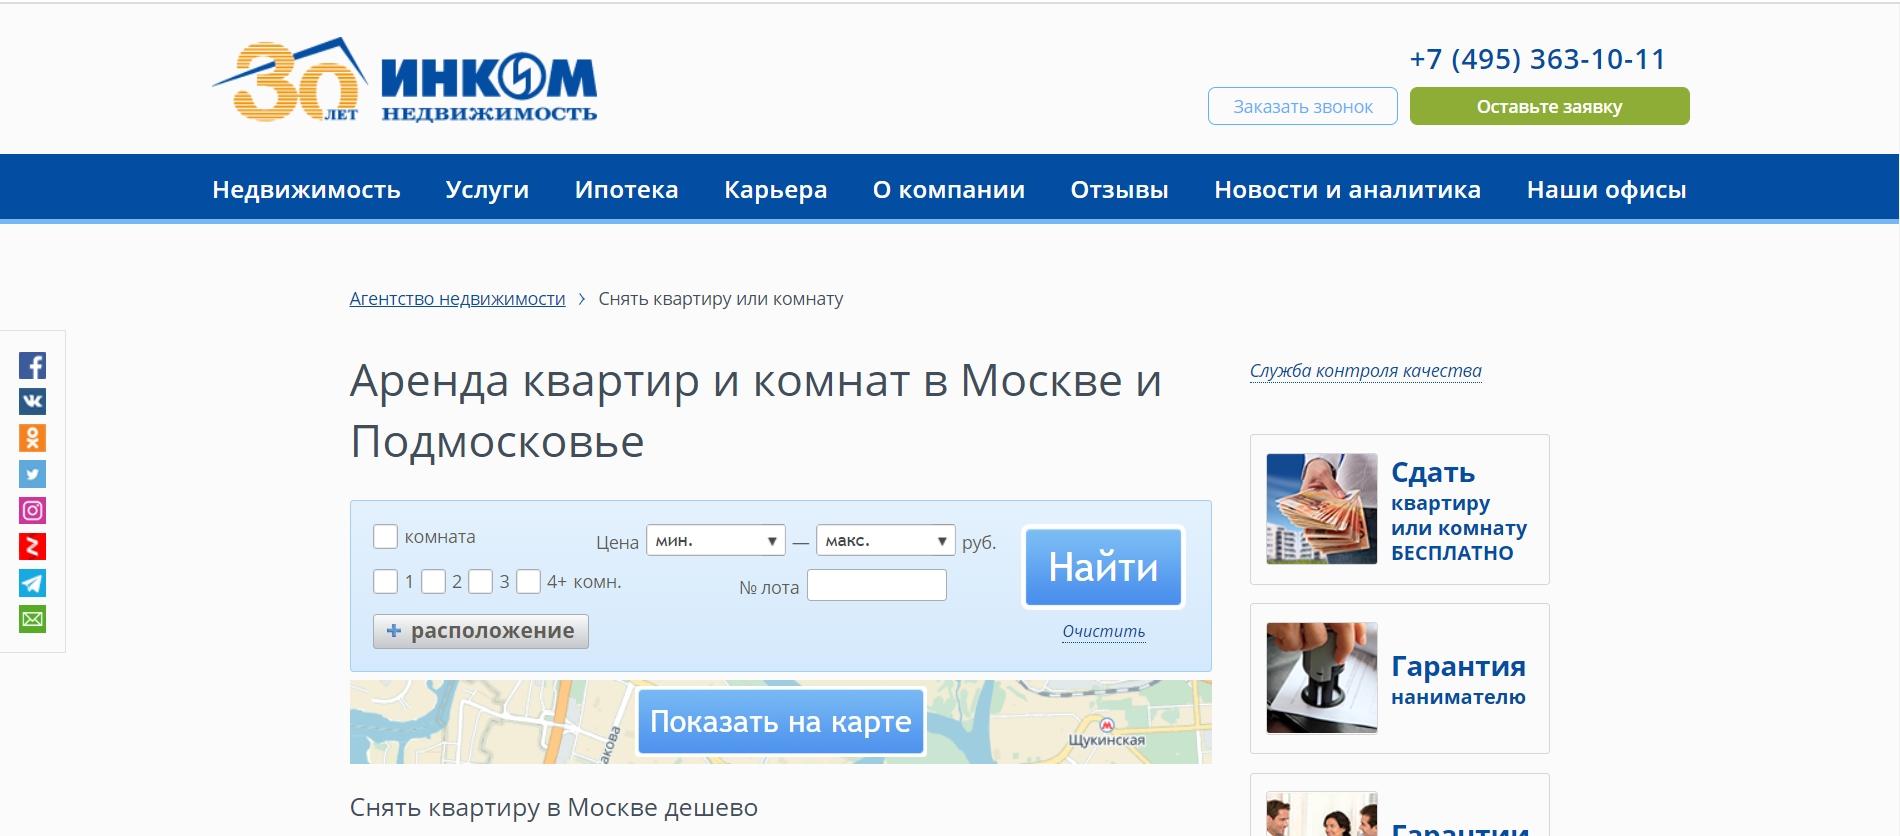 Аренда квартир и комнат в Москве и Подмосковье